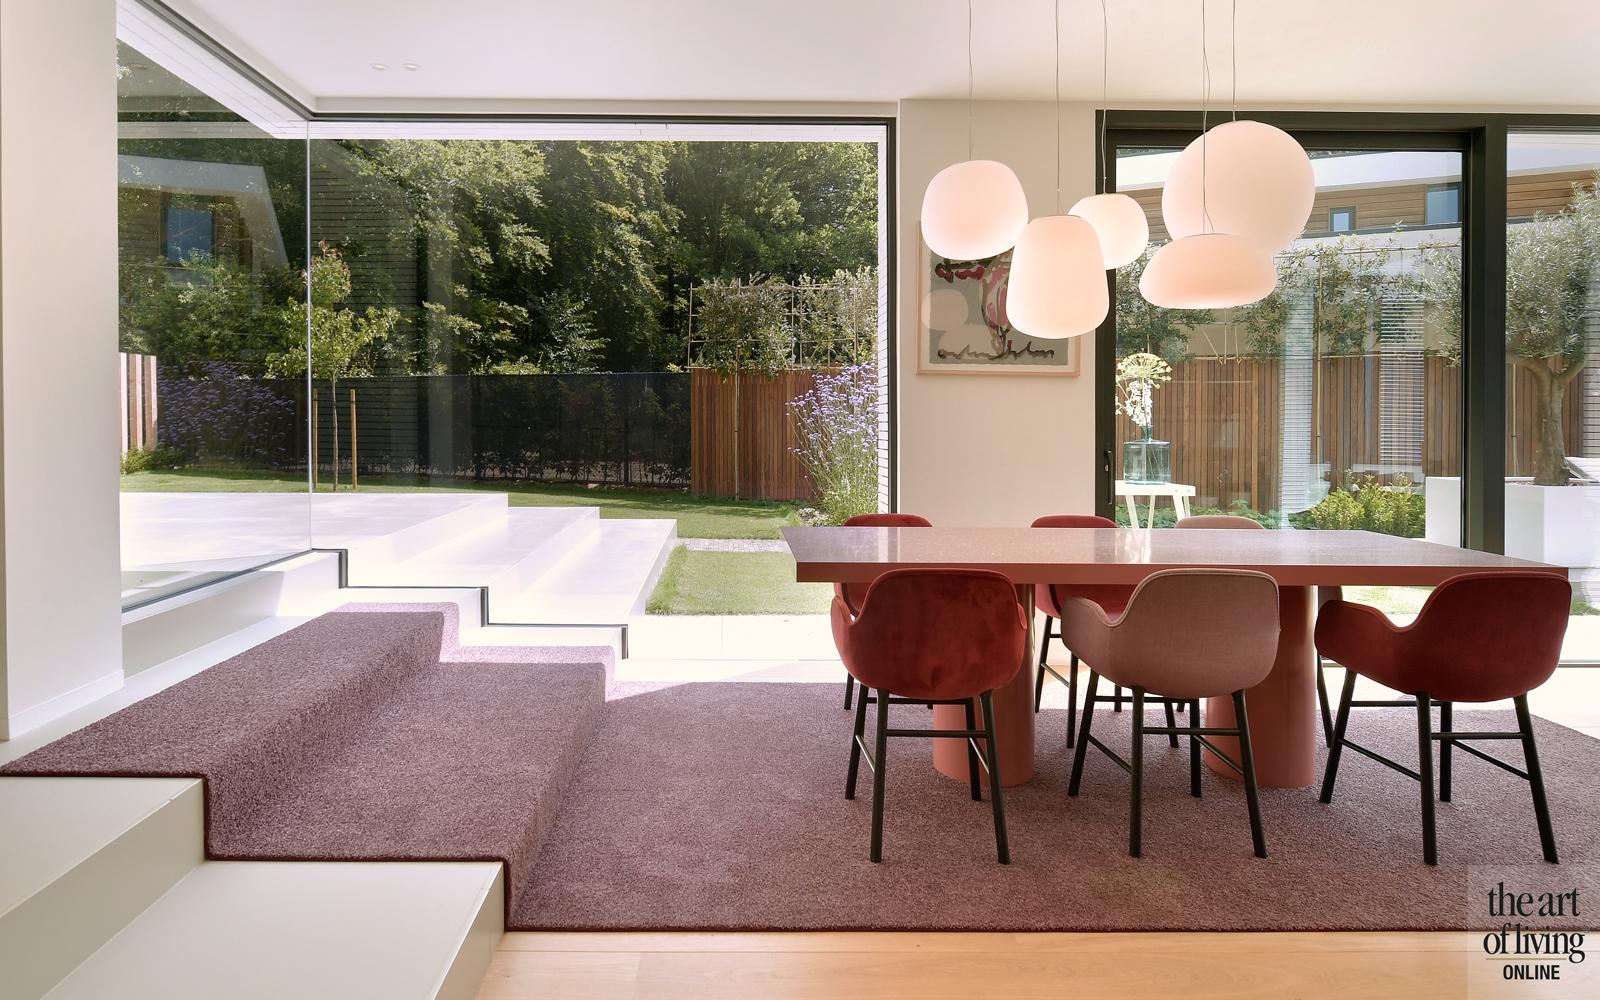 Ibiza stijl, Frans van Roy, Ibiza interieur, Villa met zwembad, Witte villa, Minimalistisch interieur, Interieur design, eettafel, eetkamer